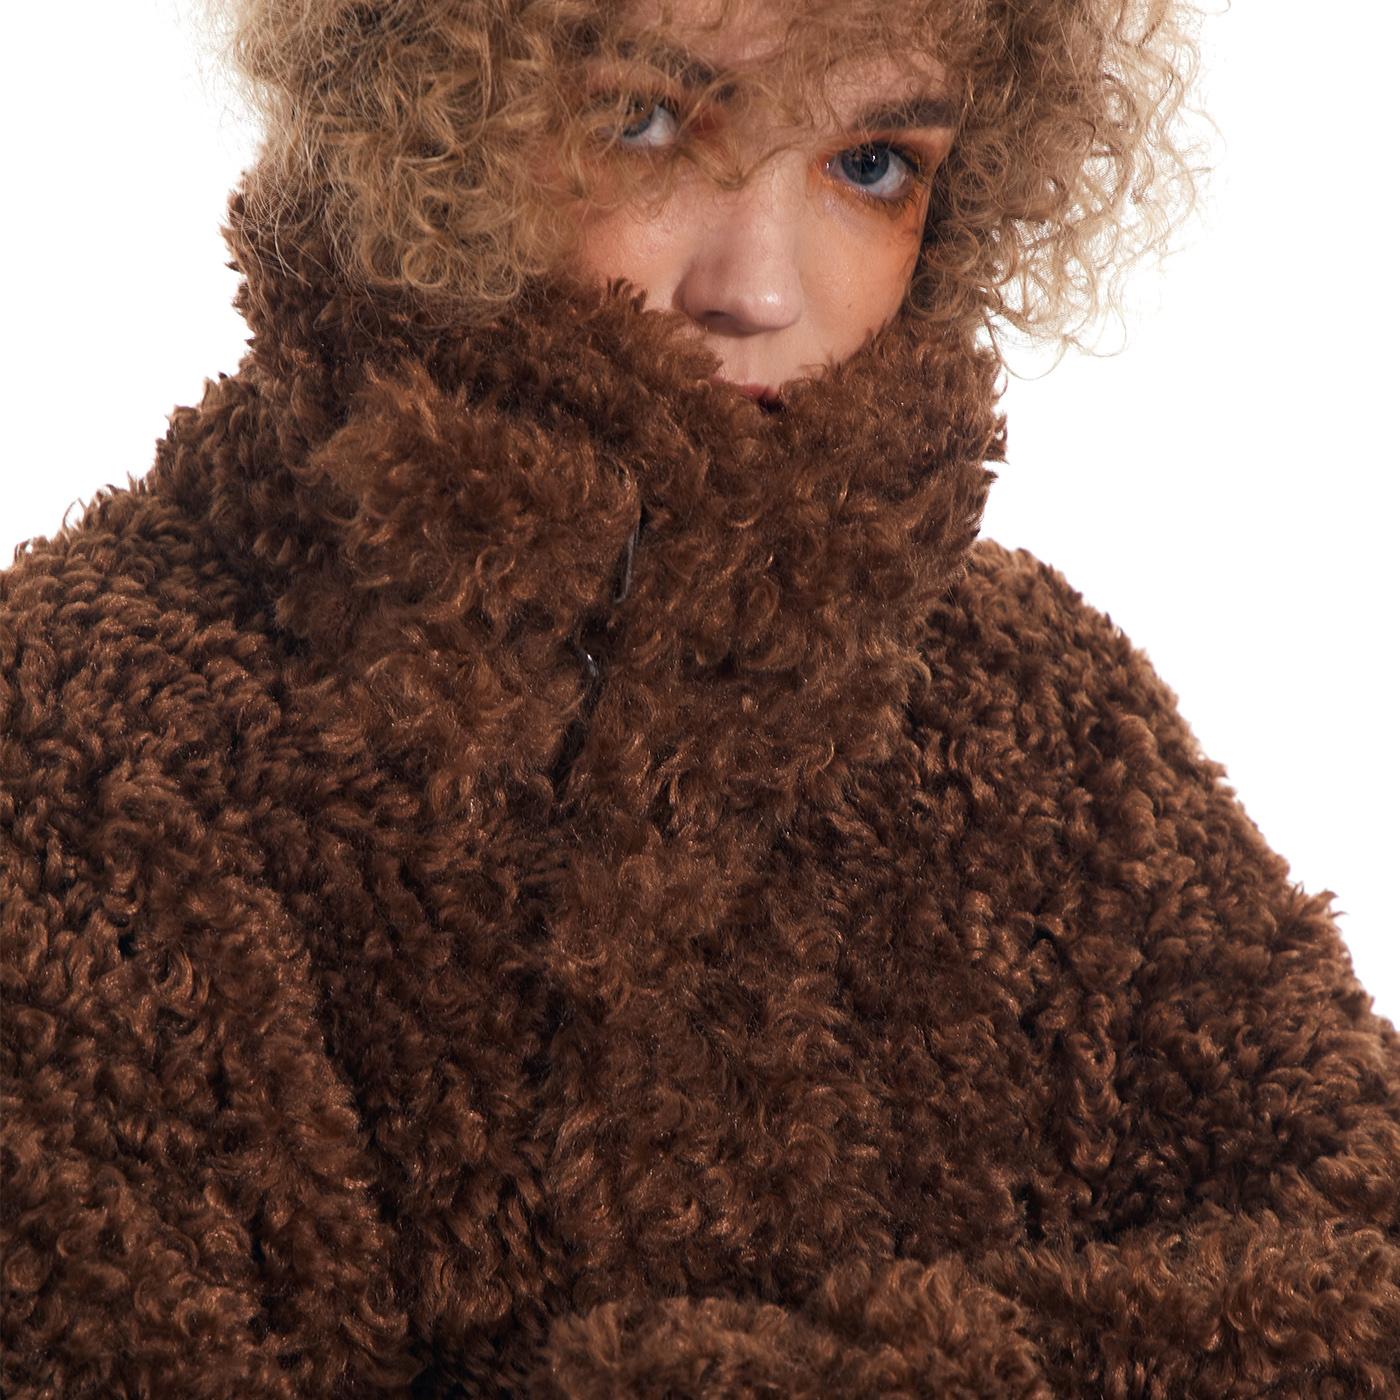 a GRAPE KISS 棕色羊羔毛外套女秋冬2020年新款宽松加厚短款上衣